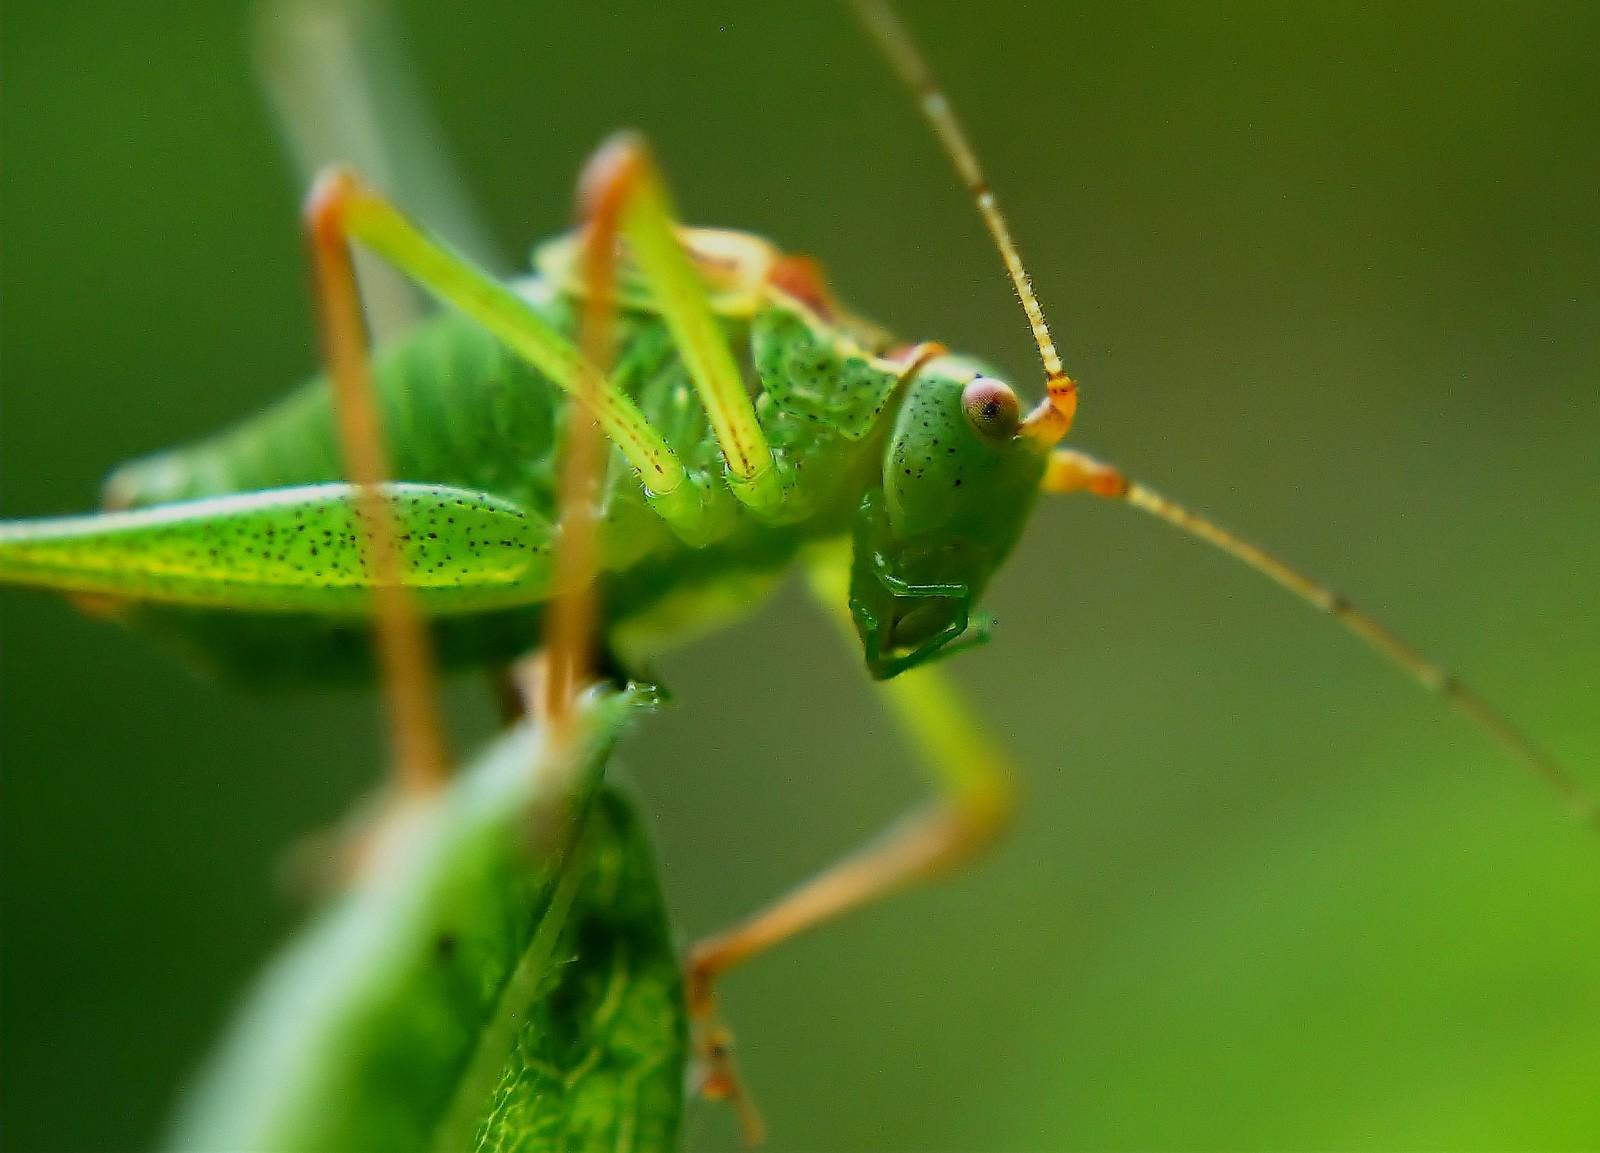 Grasshopper Totem and Symbolism